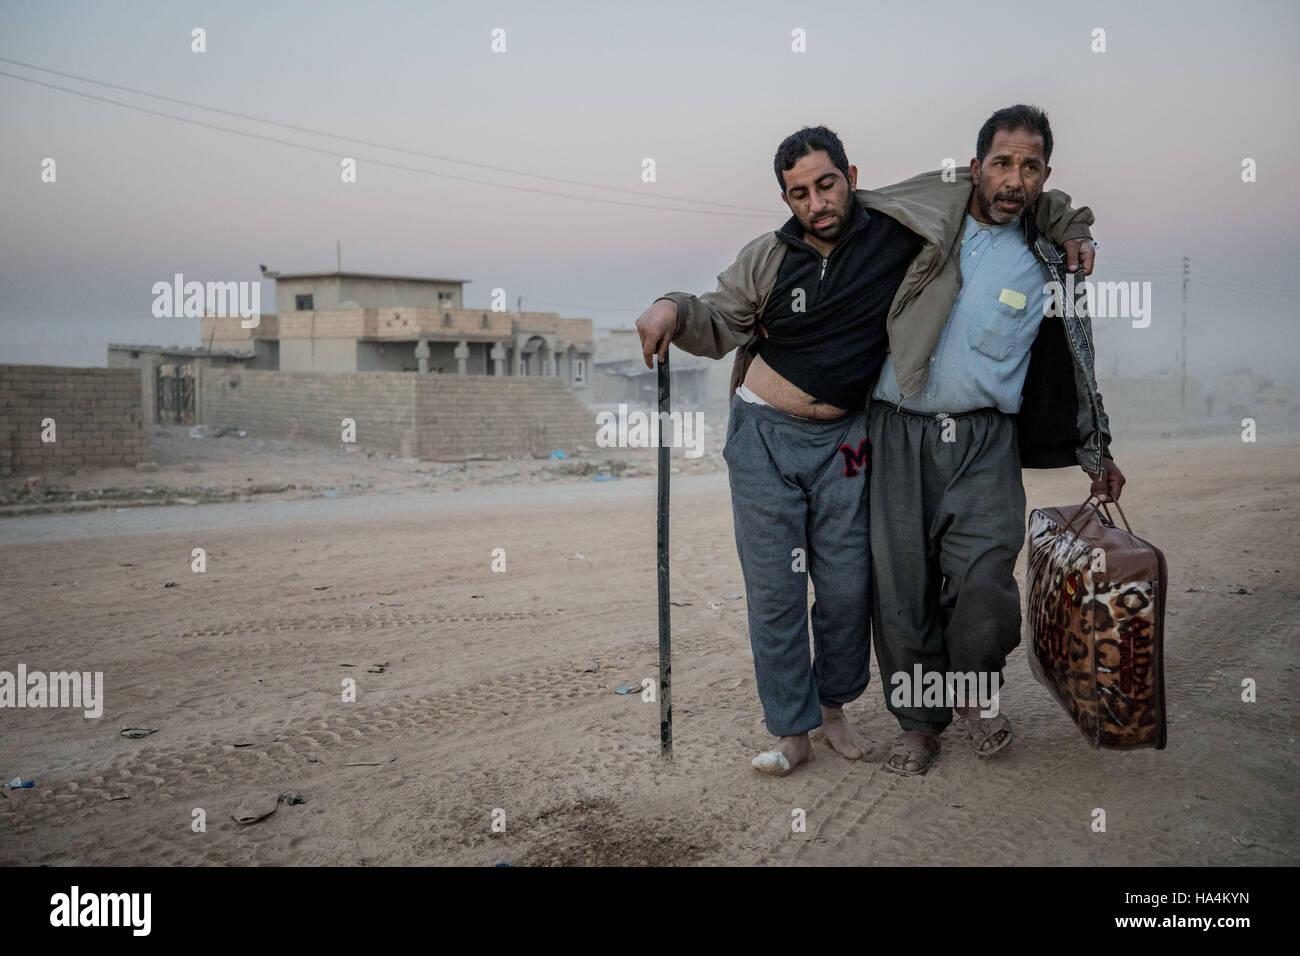 Mosul, Ninewa Provincia, Iraq. 26 Nov, 2016. Un uomo aiuta il suo amico ferito rendono all'ospedale da campo Immagini Stock